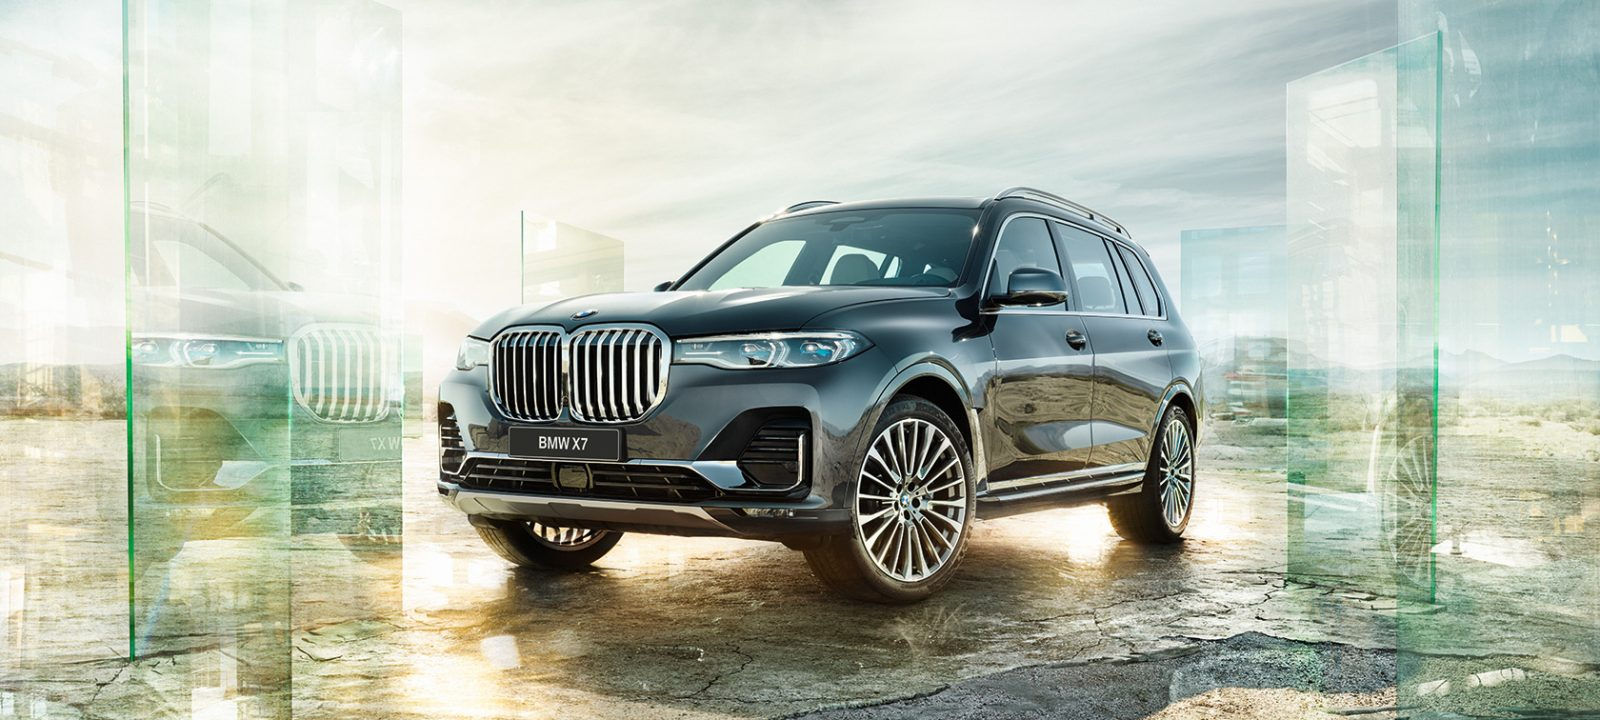 BMW X7.